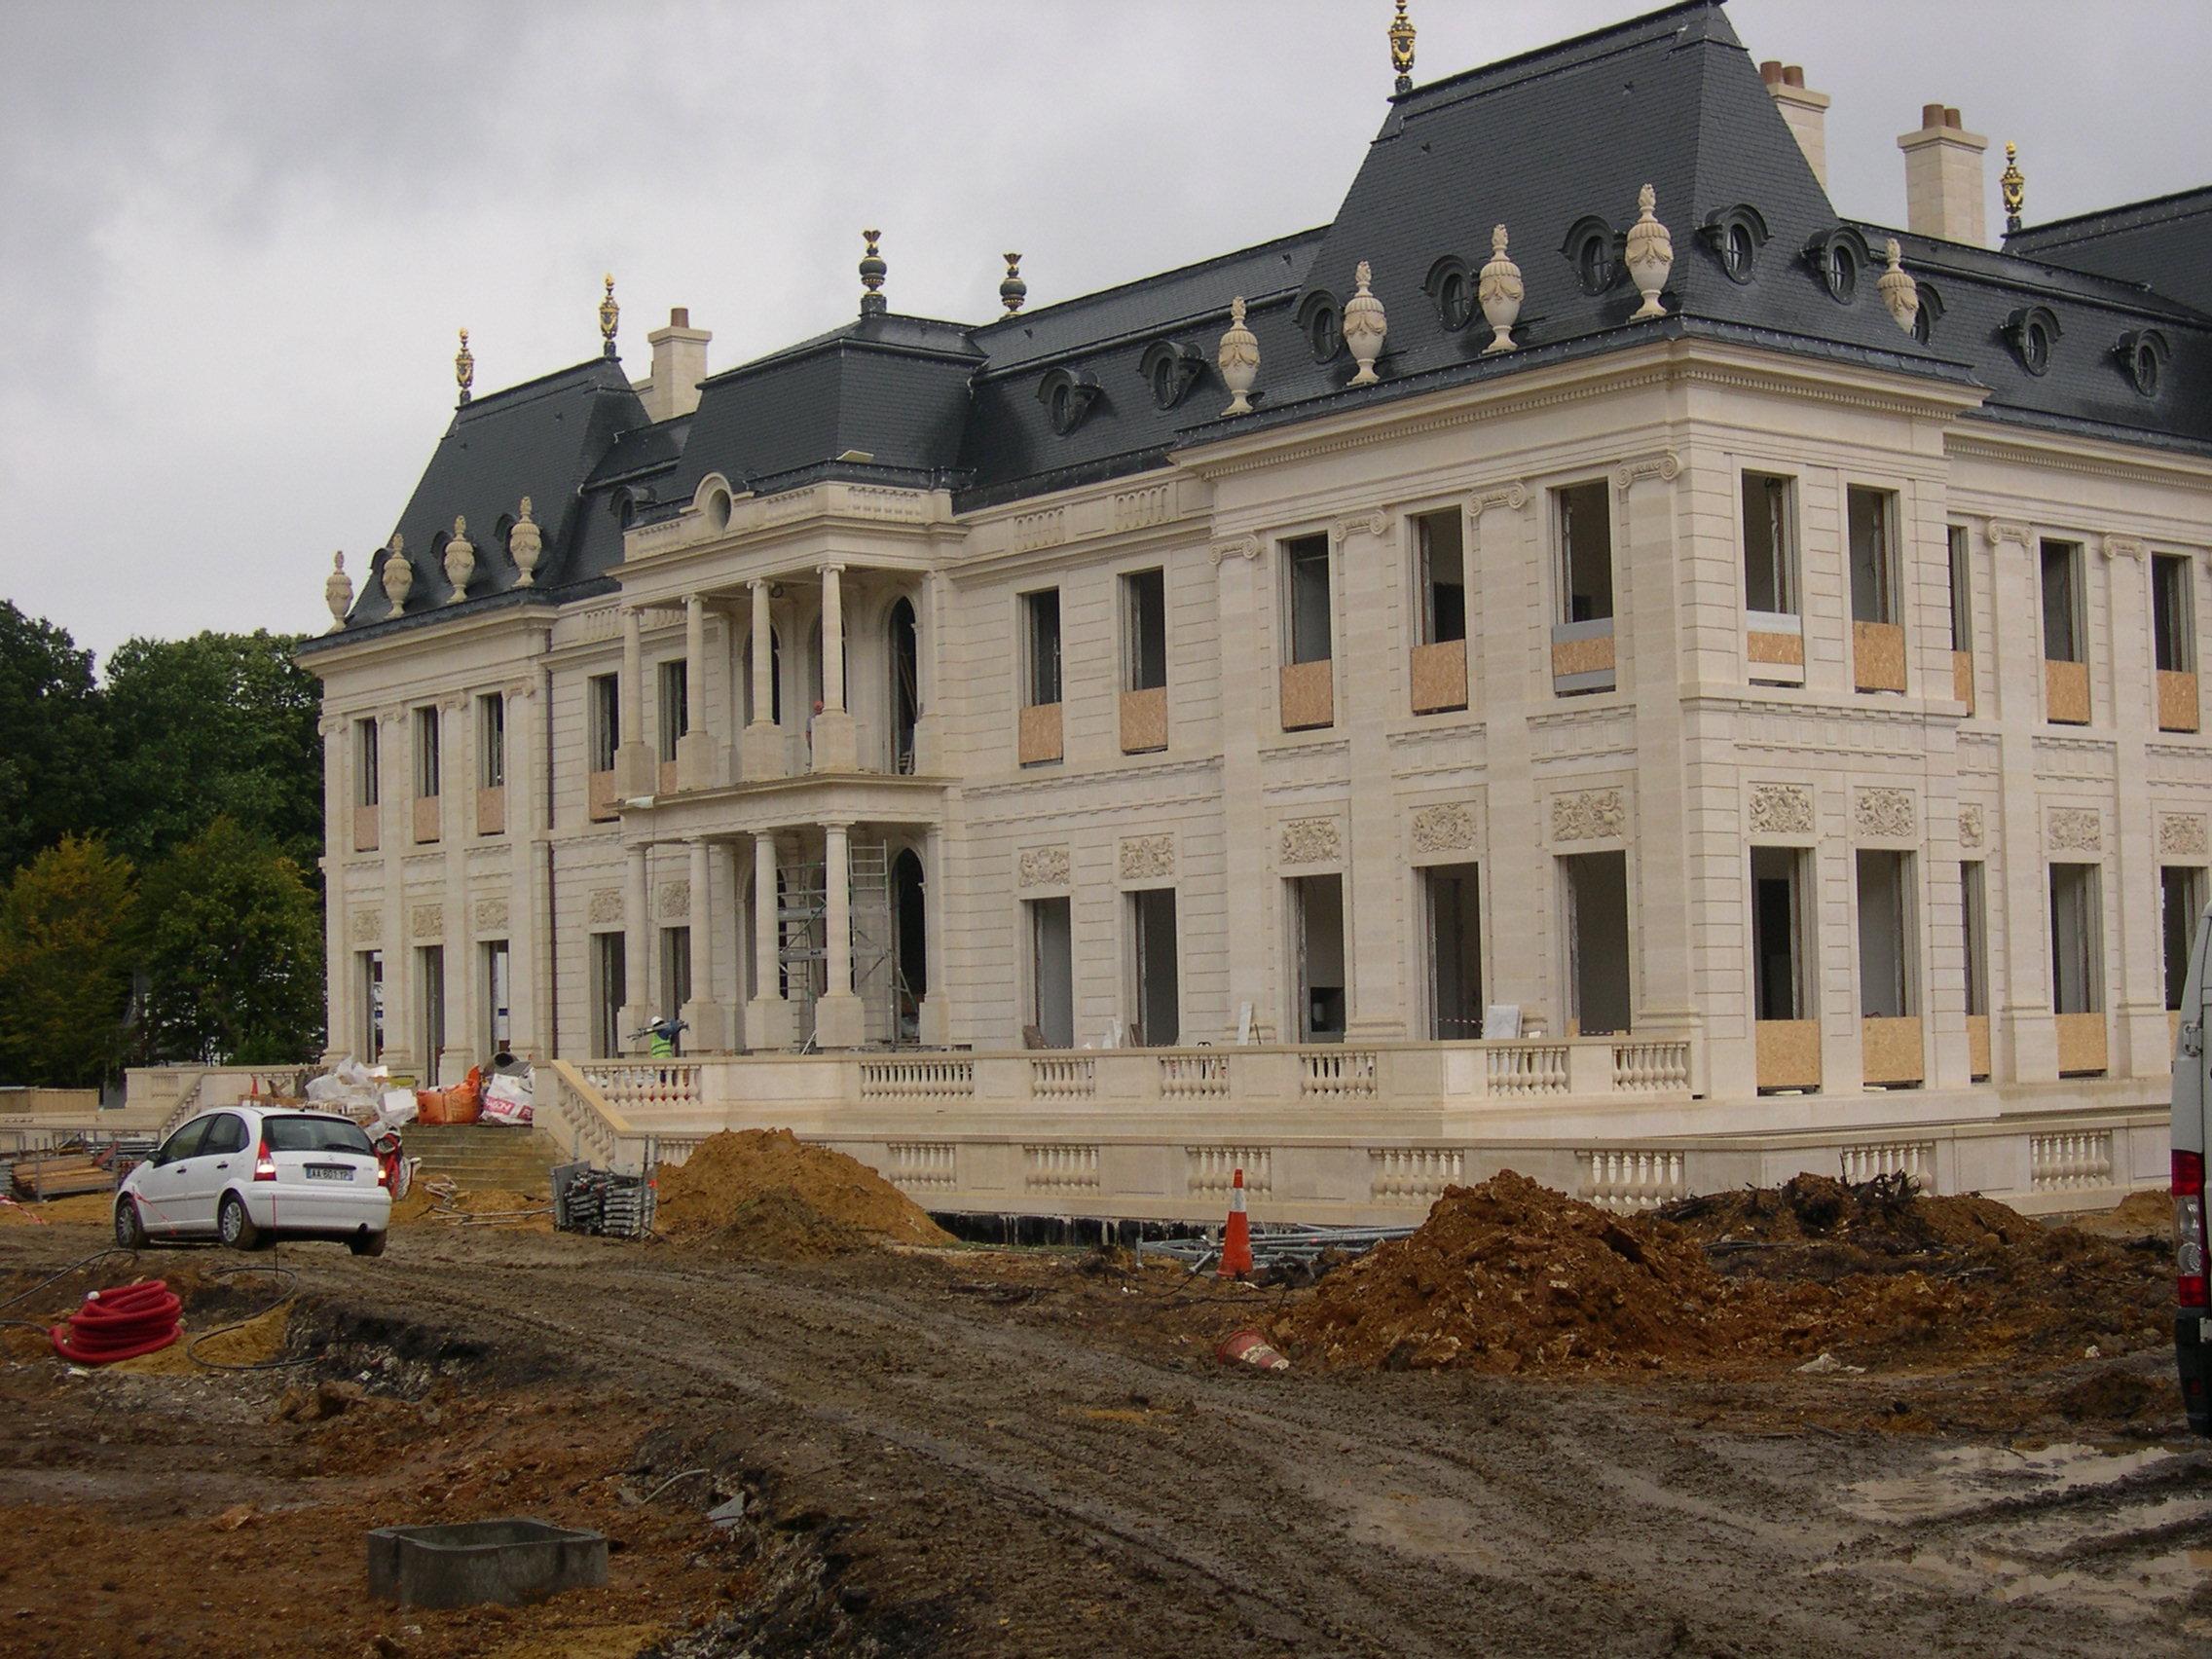 Chateau de Louveciennes fourniture pierre